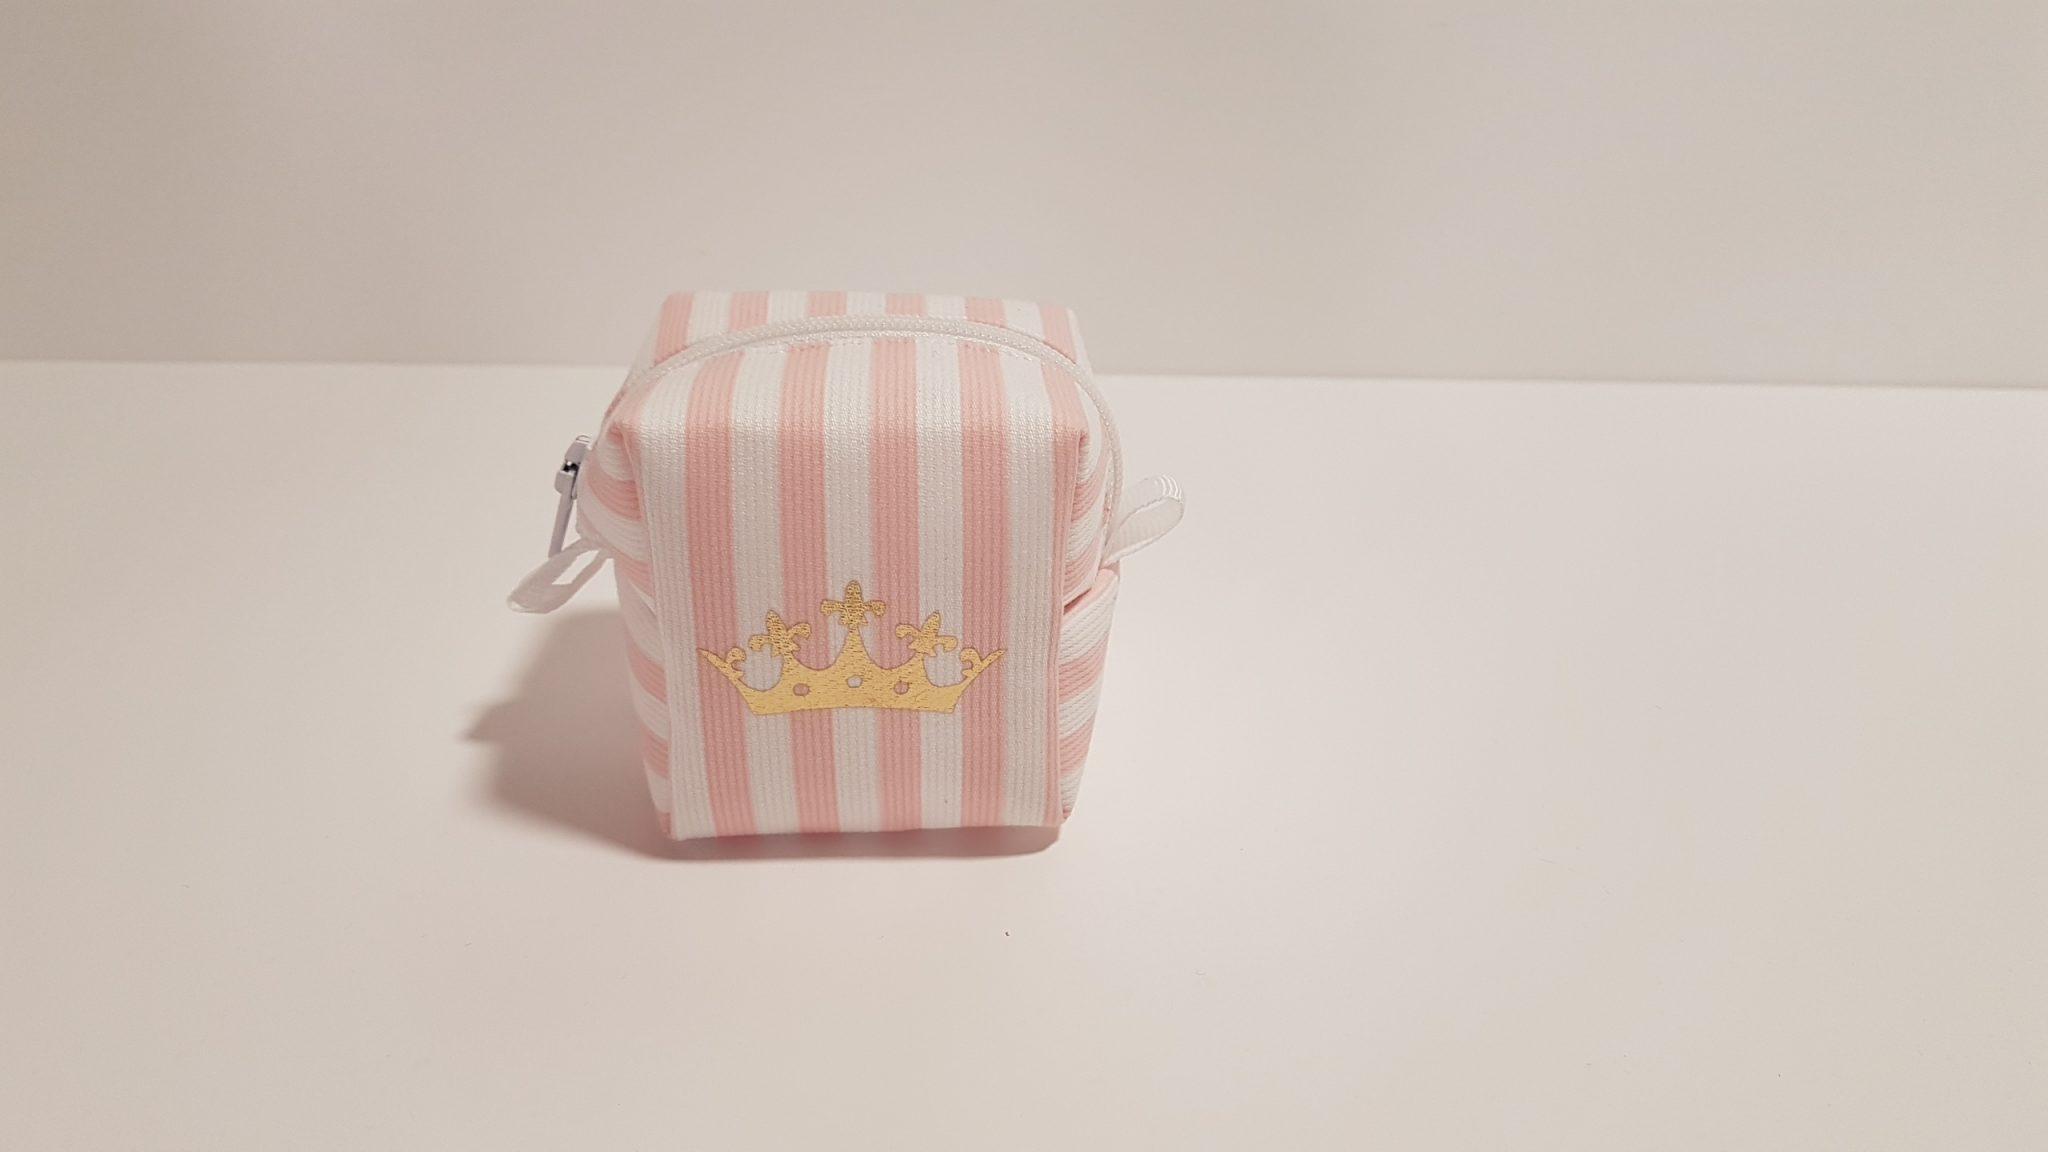 Μπομπονιέρα πορτοφολάκι ροζ ριγέ 3D με χρυσή κορώνα.